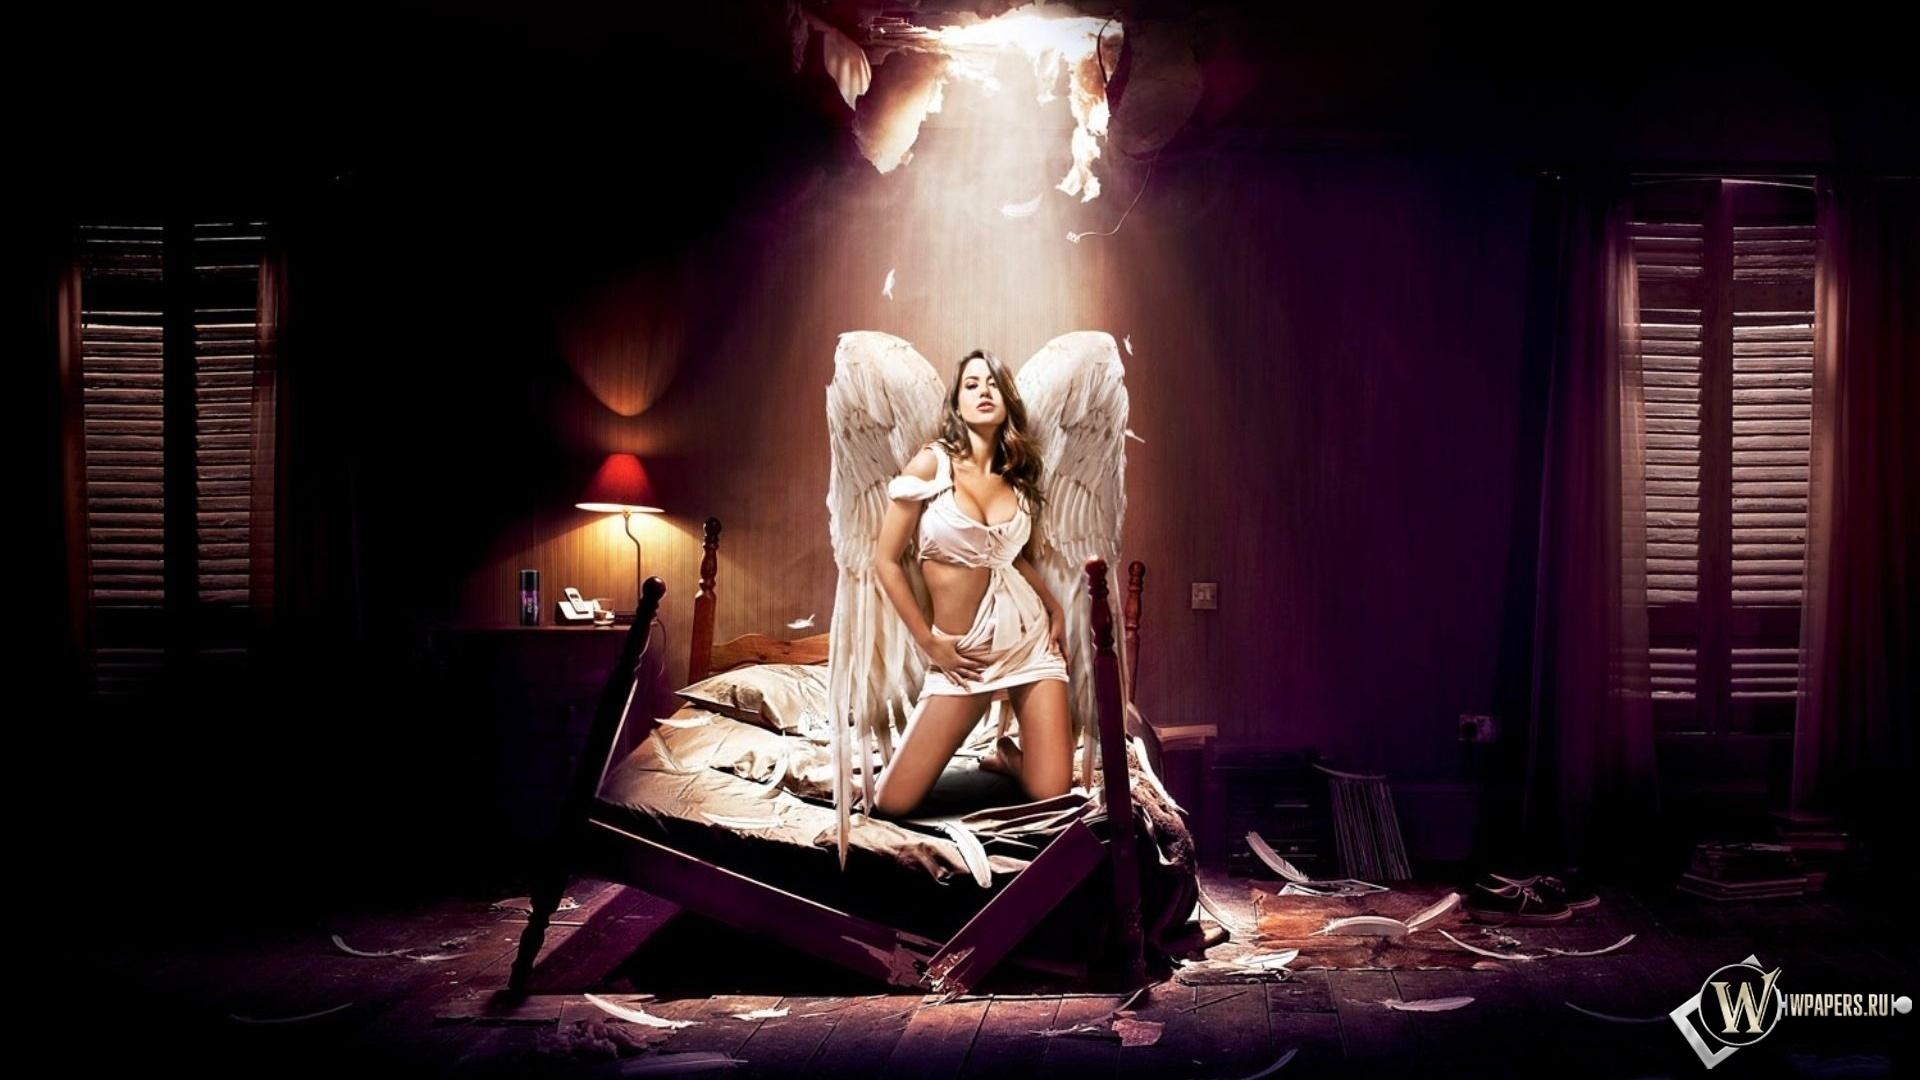 Horny angel 1920x1080